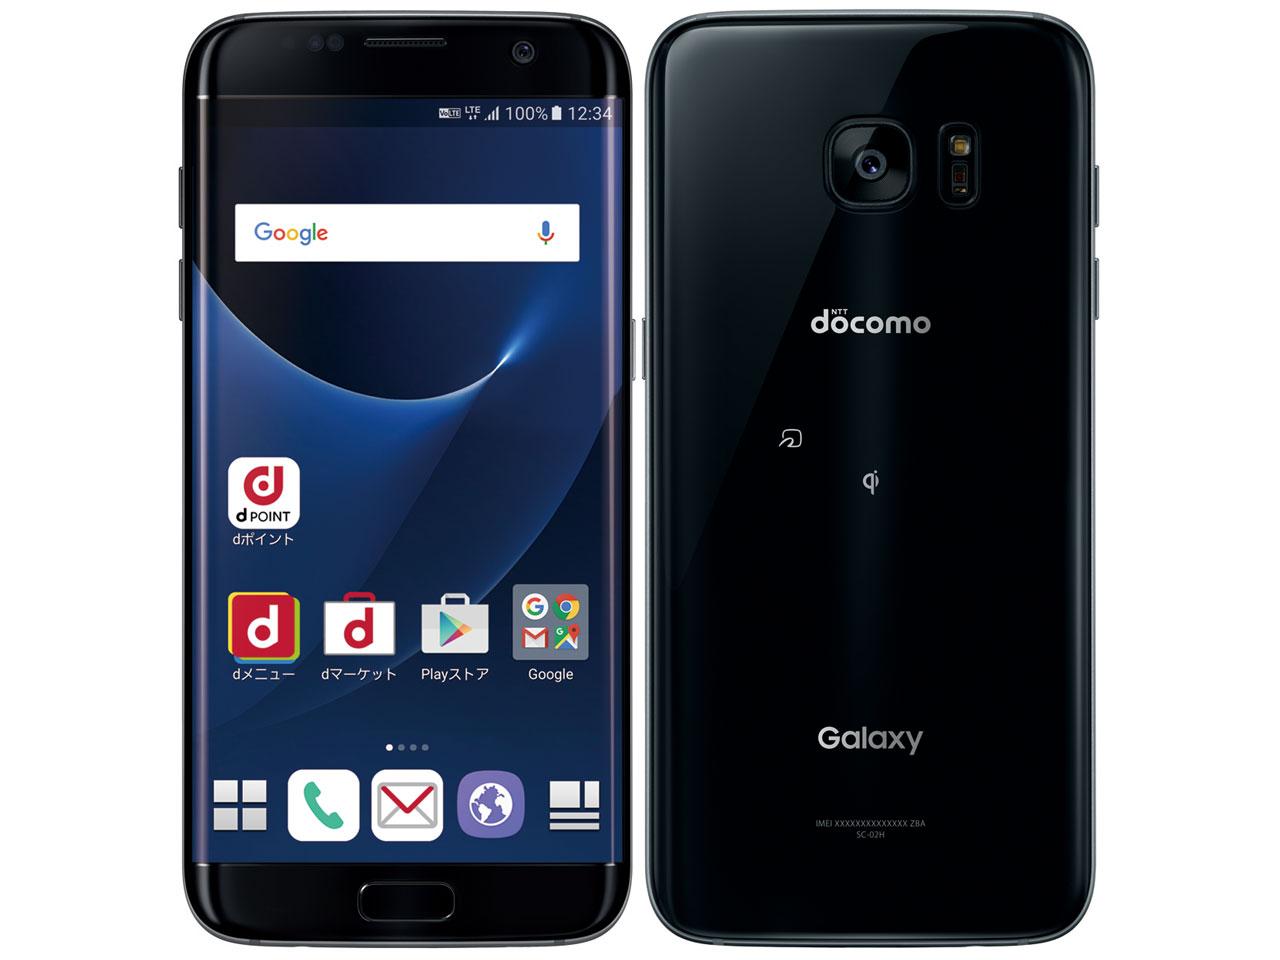 【最大3000円クーポン配布中!ポイントも最大28倍!】中古スマートフォンSAMSUNG Galaxy S7 Edge docomo(ドコモ) ブラック SC-02H/B 【中古】 SAMSUNG Galaxy S7 Edge 中古スマートフォンクアッド?